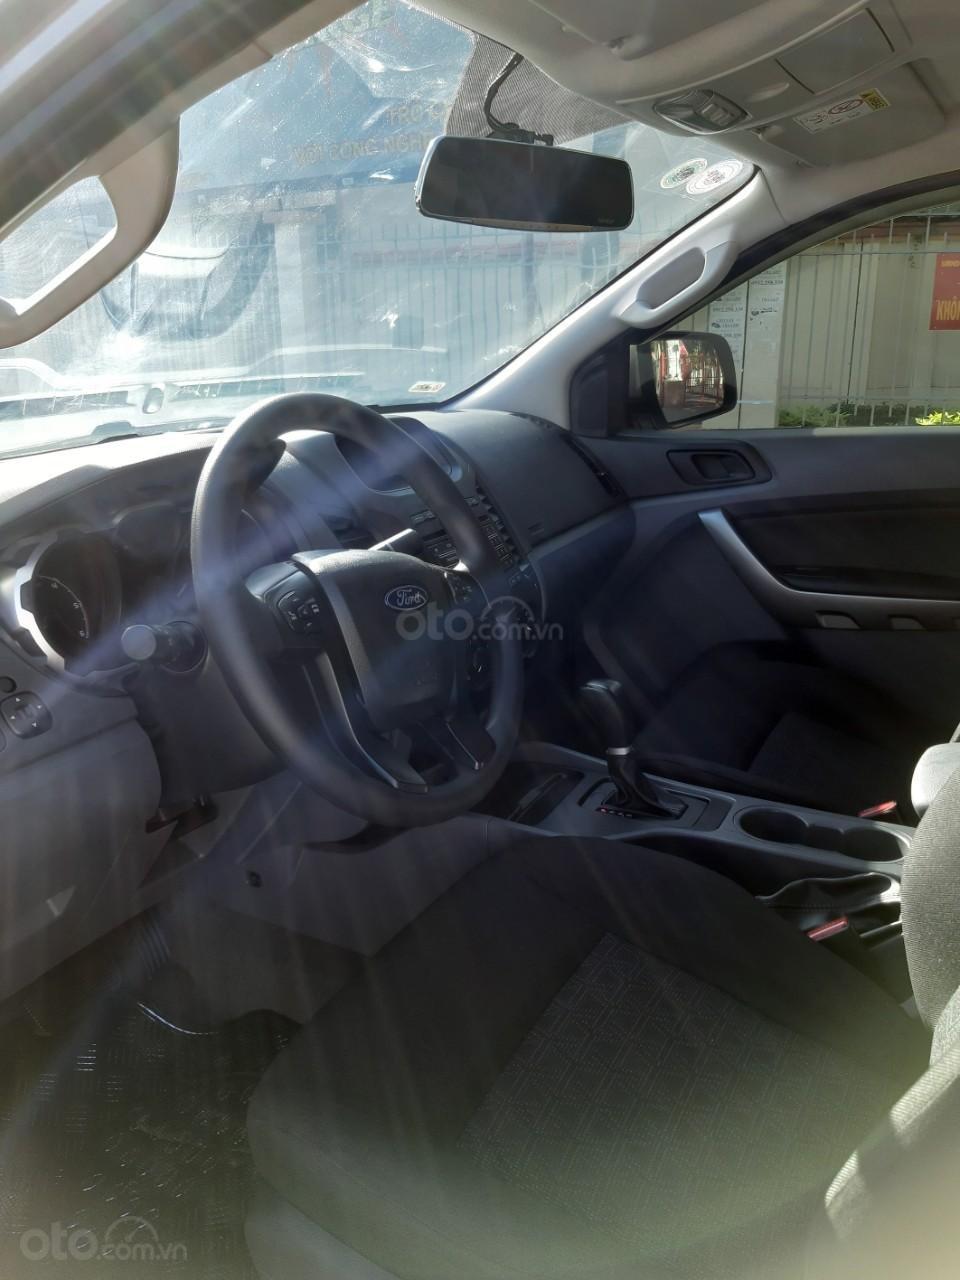 Bán Ford Ranger XLS model 2017, màu bạc, nhập khẩu, gắn thêm thùng còn mới toanh, giá 600tr-9